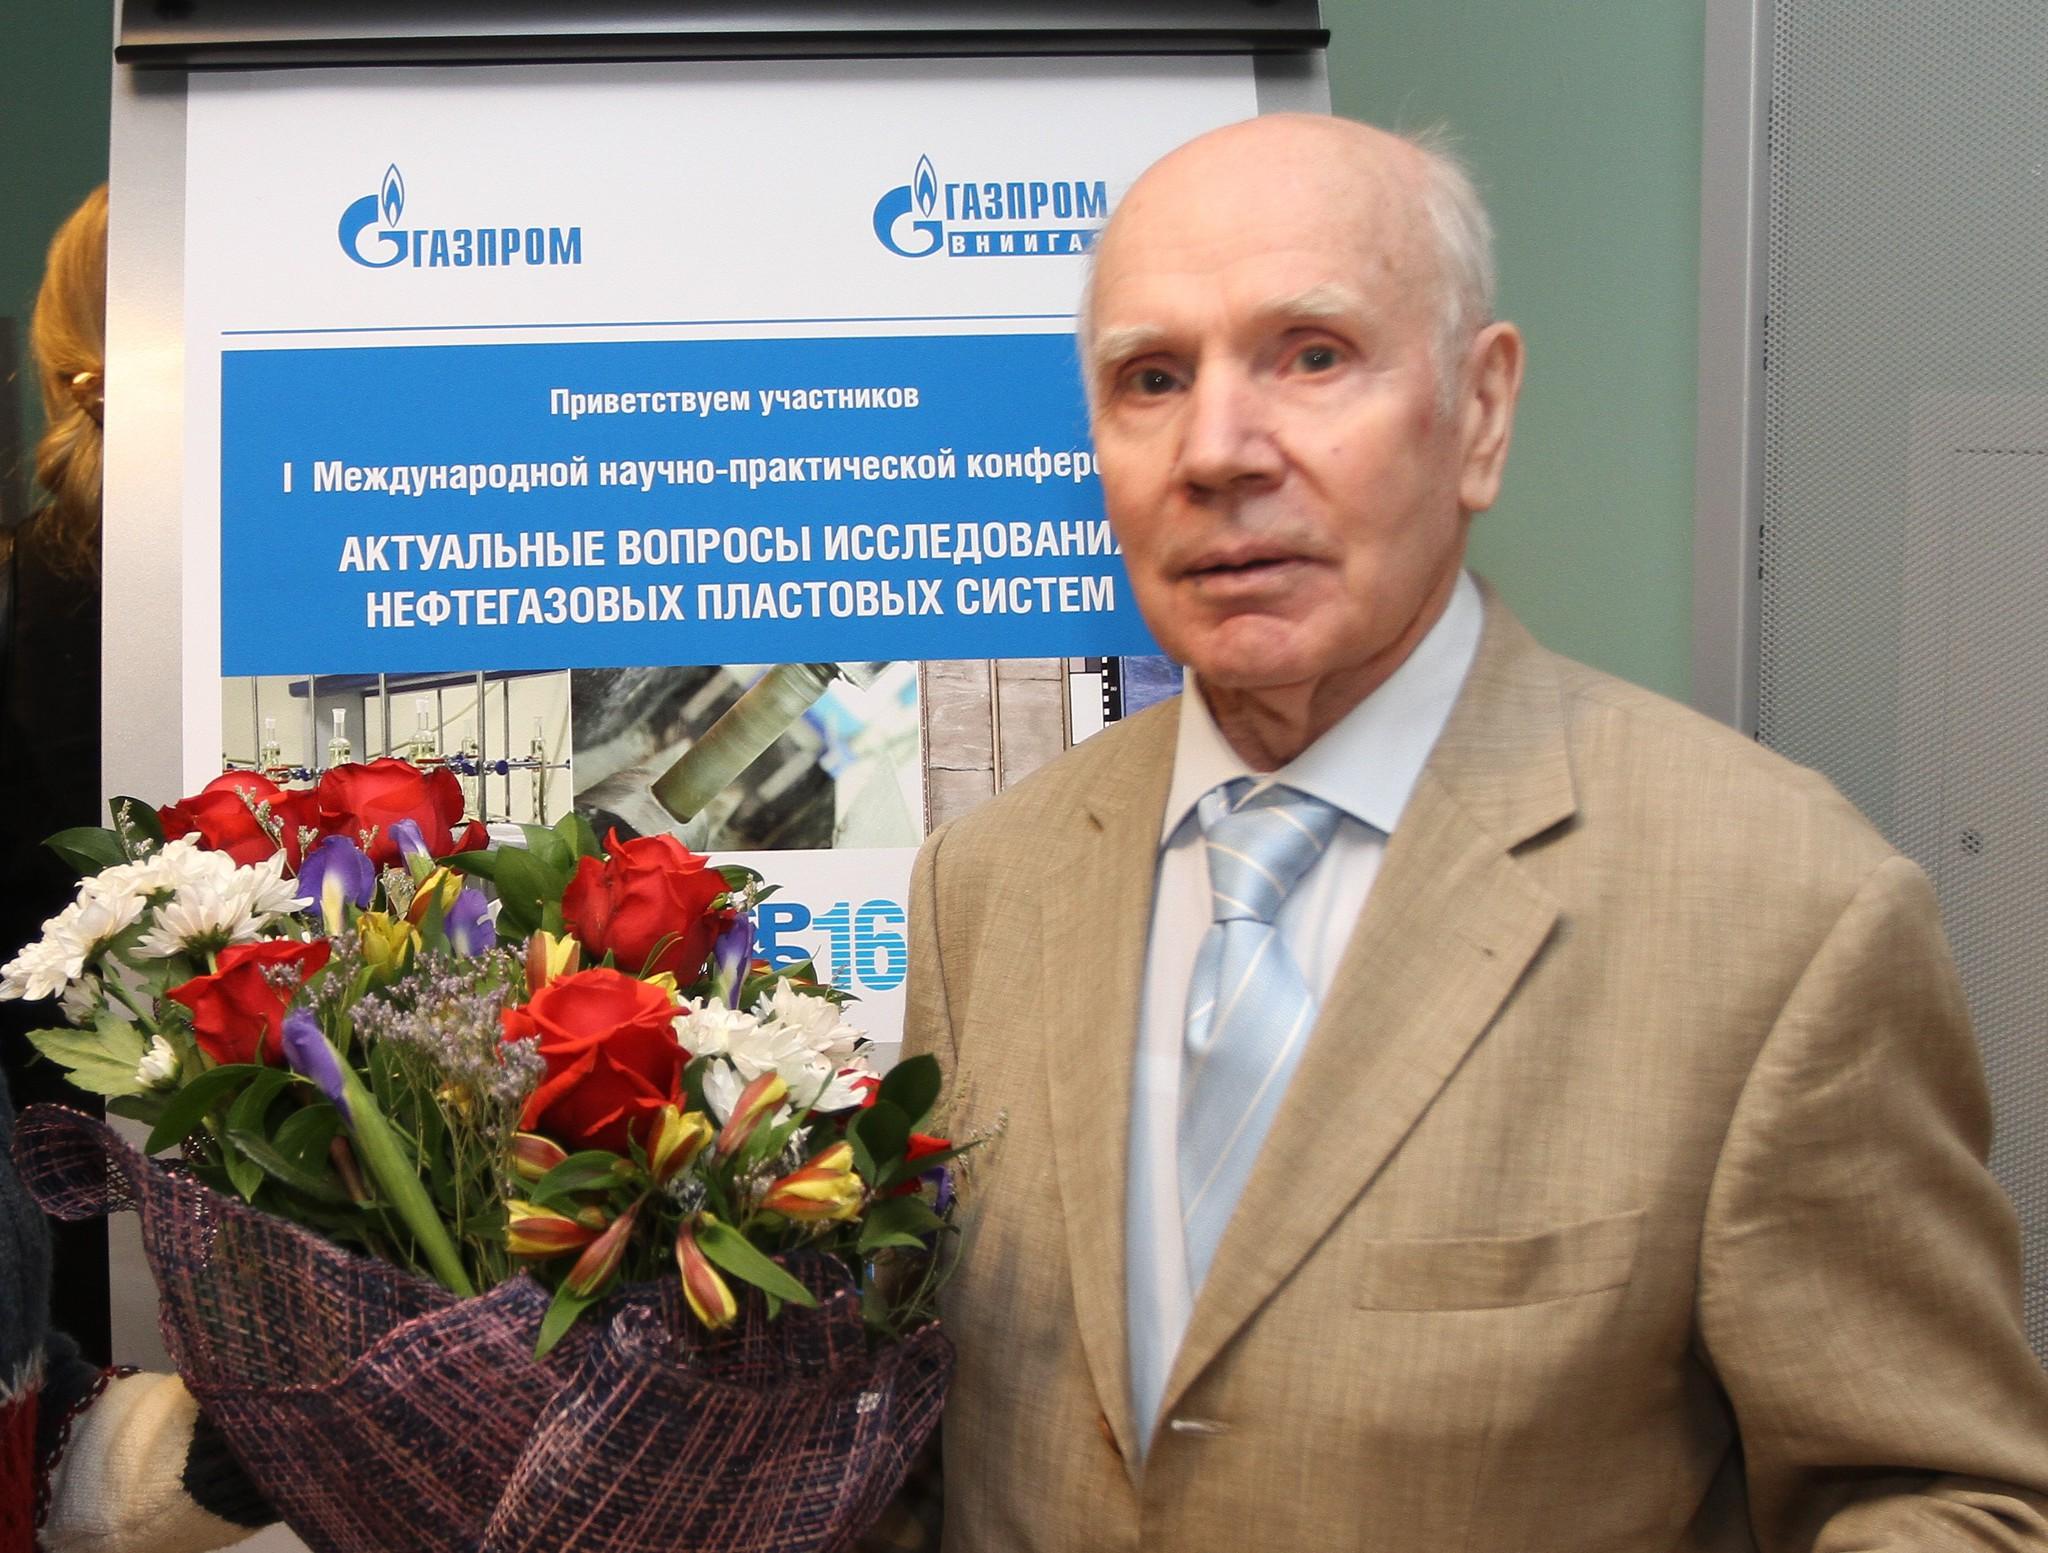 Поздравление генерального директора от сотрудников